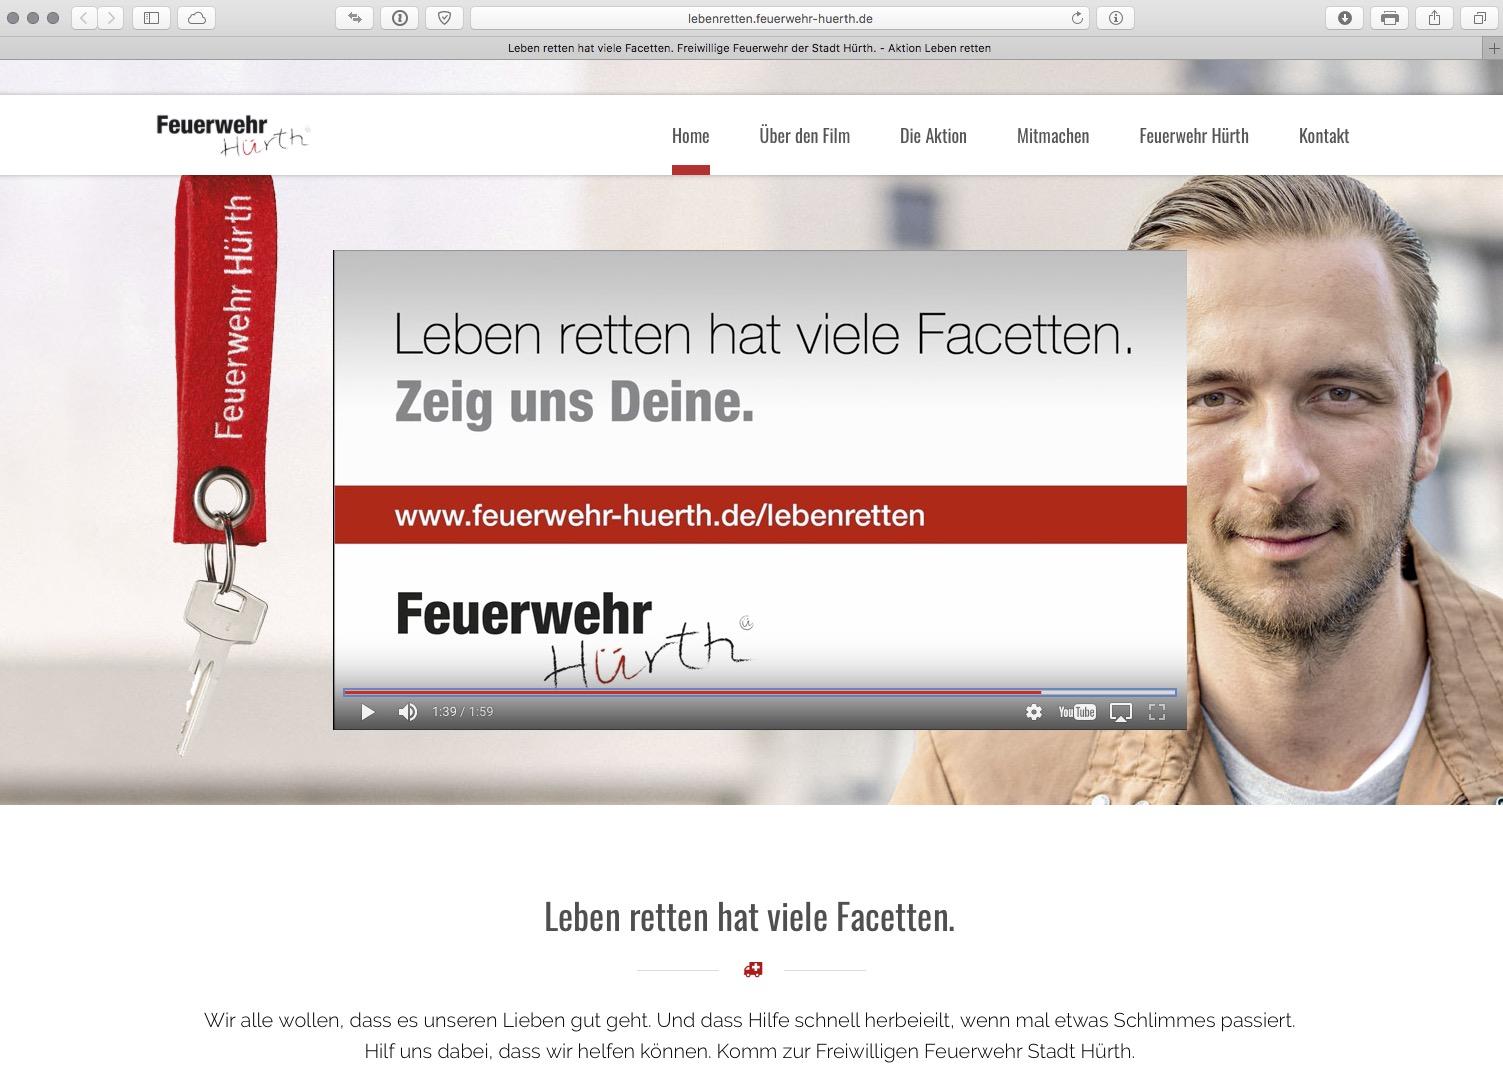 Foto der Webseite Feuerwehr Hürth